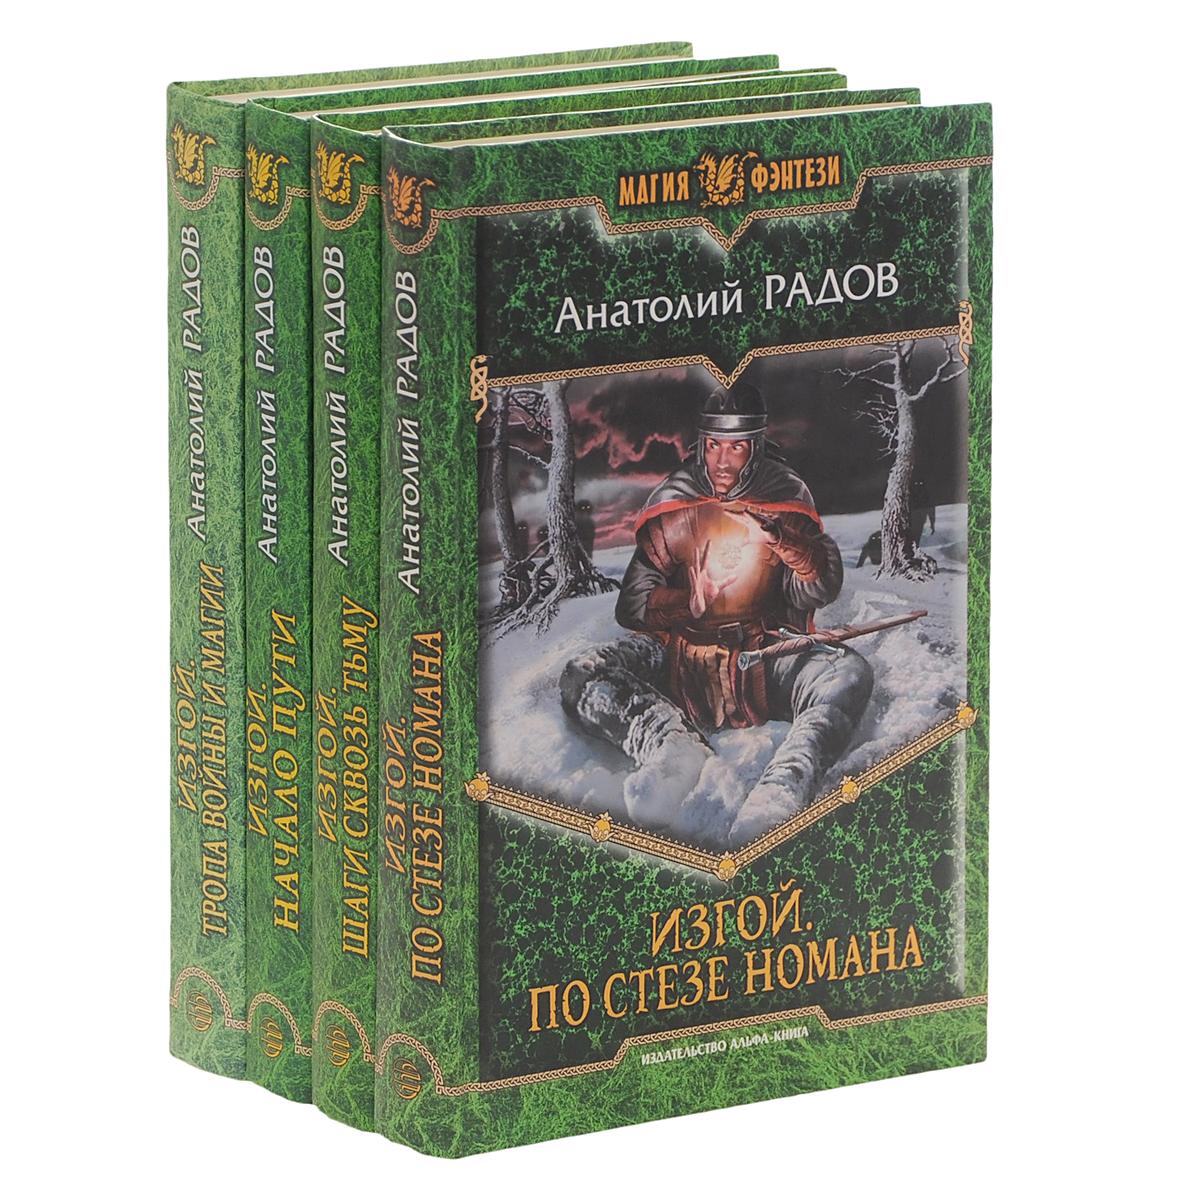 Анатолий Радов Изгой (комплект из 4 книг) анатолий владимиров балбесы комплект из 2 книг